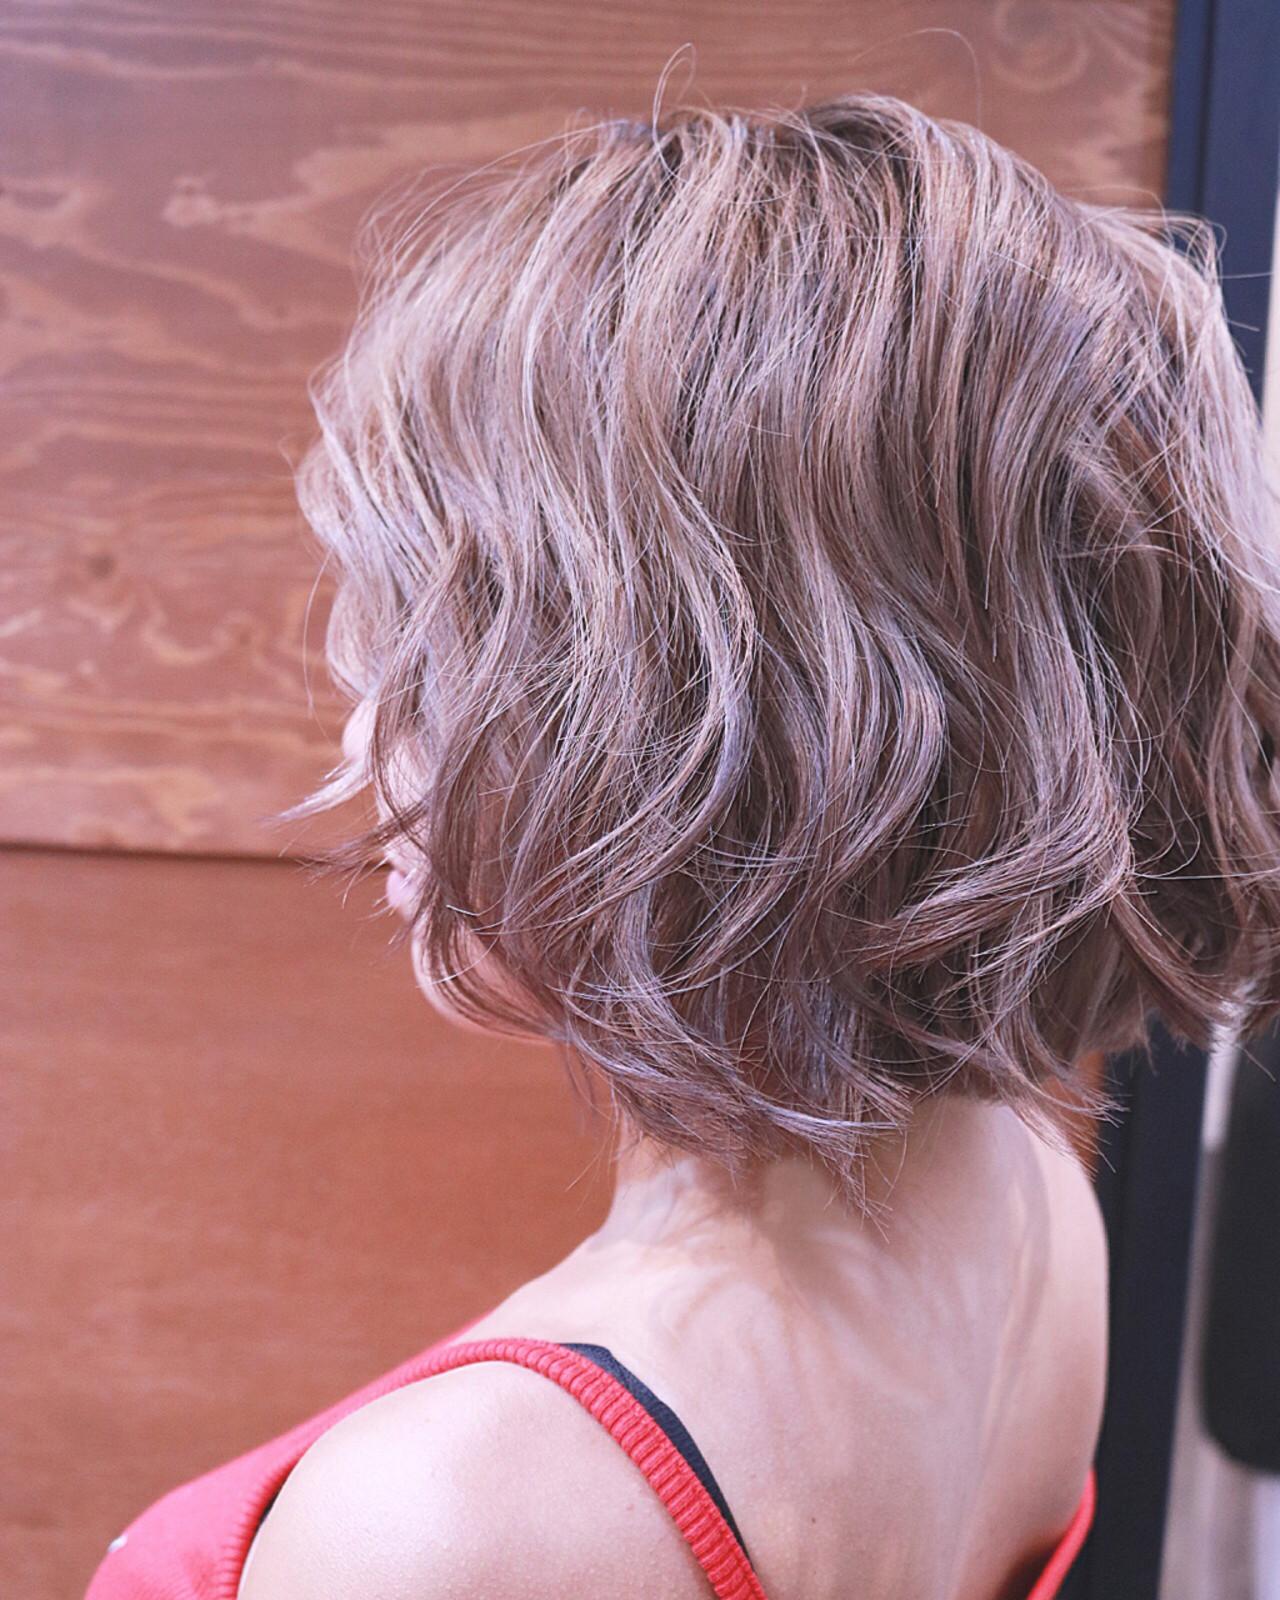 バレイヤージュ ボブ ハイライト 夏 ヘアスタイルや髪型の写真・画像 | RUMINA //高田ゆみこ / Rumina